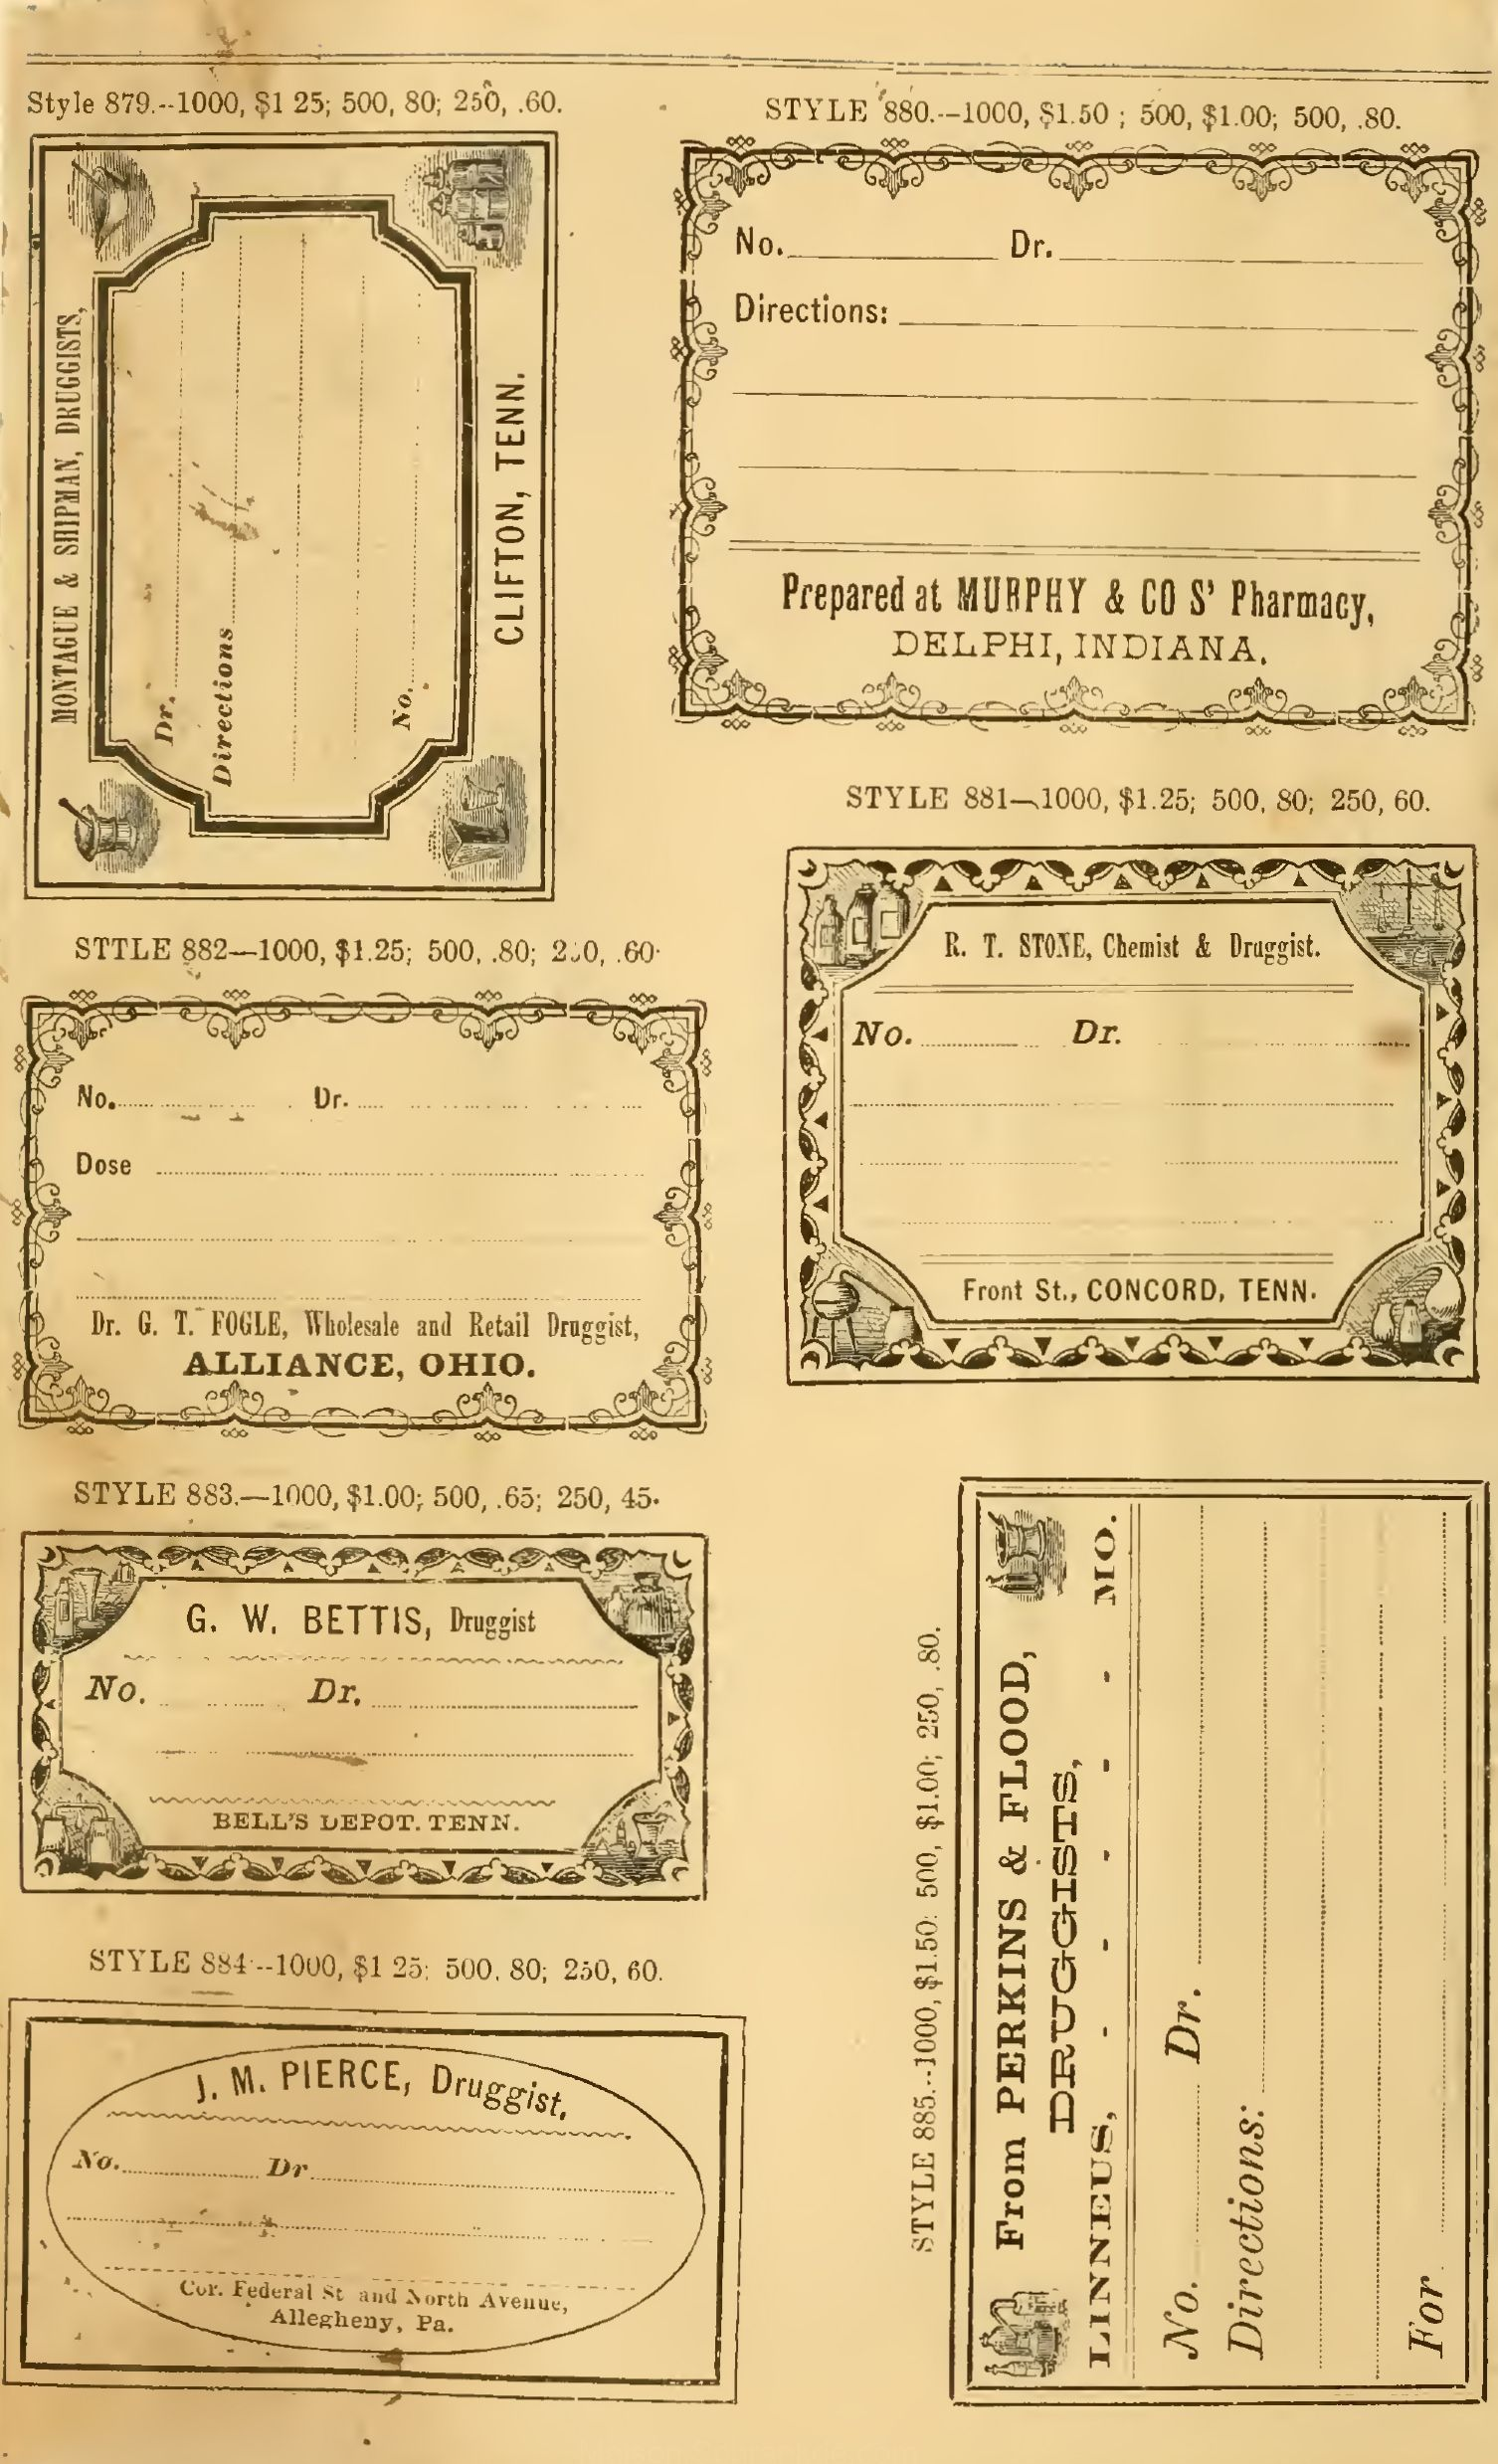 Etiquetas Vintage De Farmacia Gratuitas Para Imprimir Gratuit Imprimable Vintage Pharmacie Et A Vintage Printables Free Vintage Printables Apothecary Labels